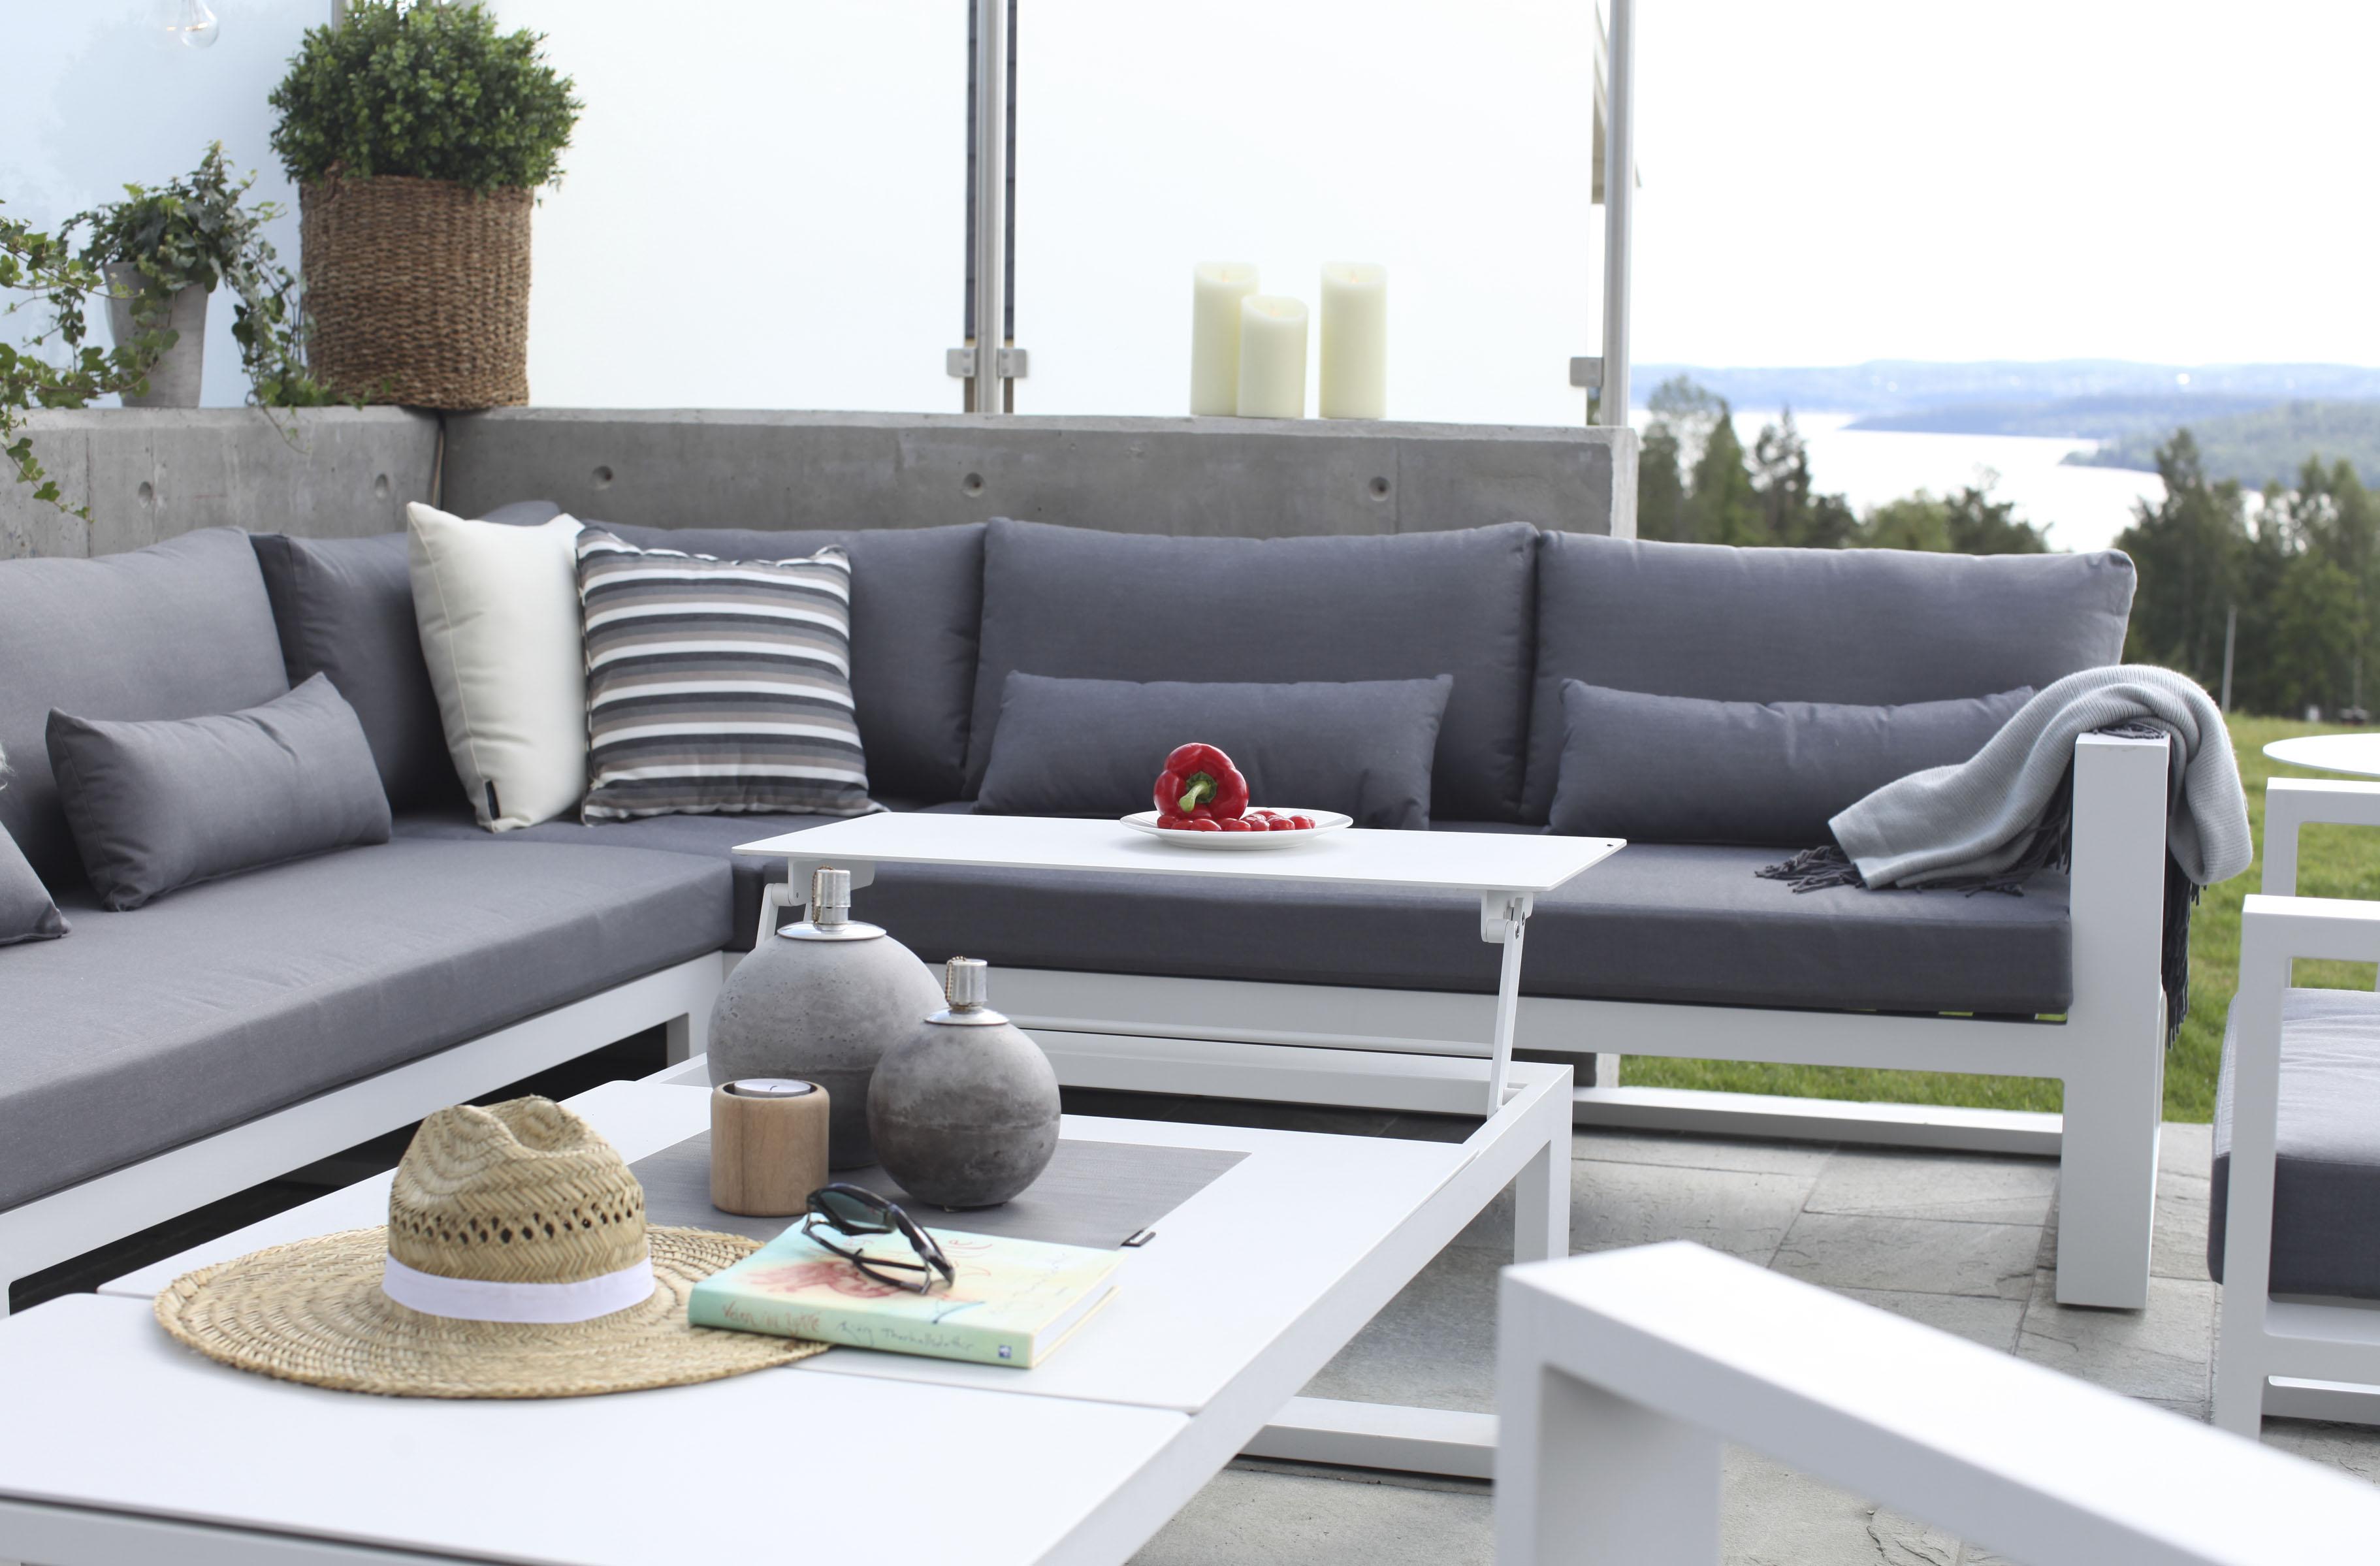 Fräscha Aluminiumsmøbler - Hagemøbler og utemøbler i aluminium - Fine Design KY-31